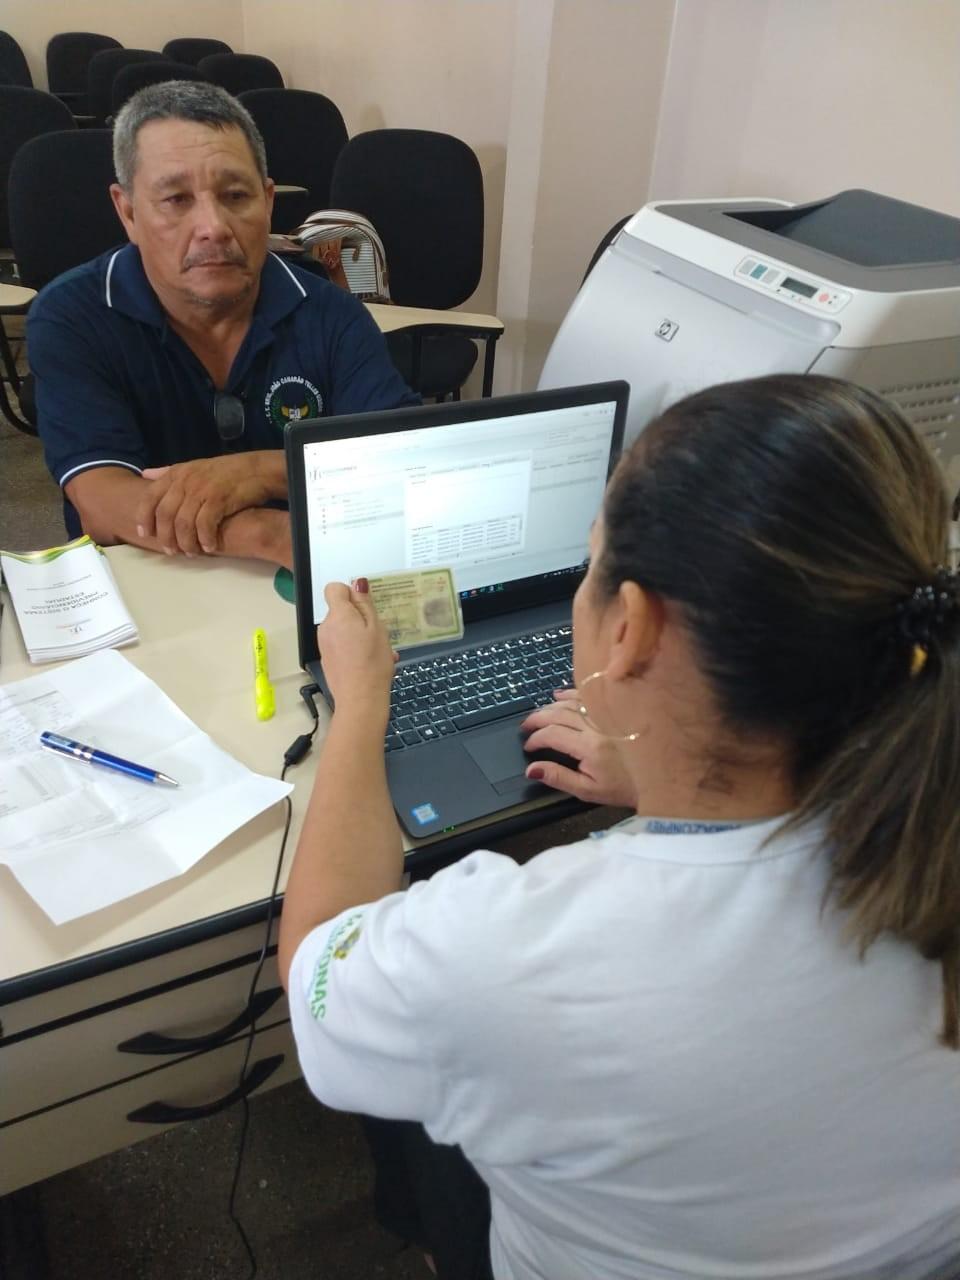 Em sete meses, mais de 1,2 mil benefícios são concedidos a aposentados e pensionistas no AM - Notícias - Plantão Diário